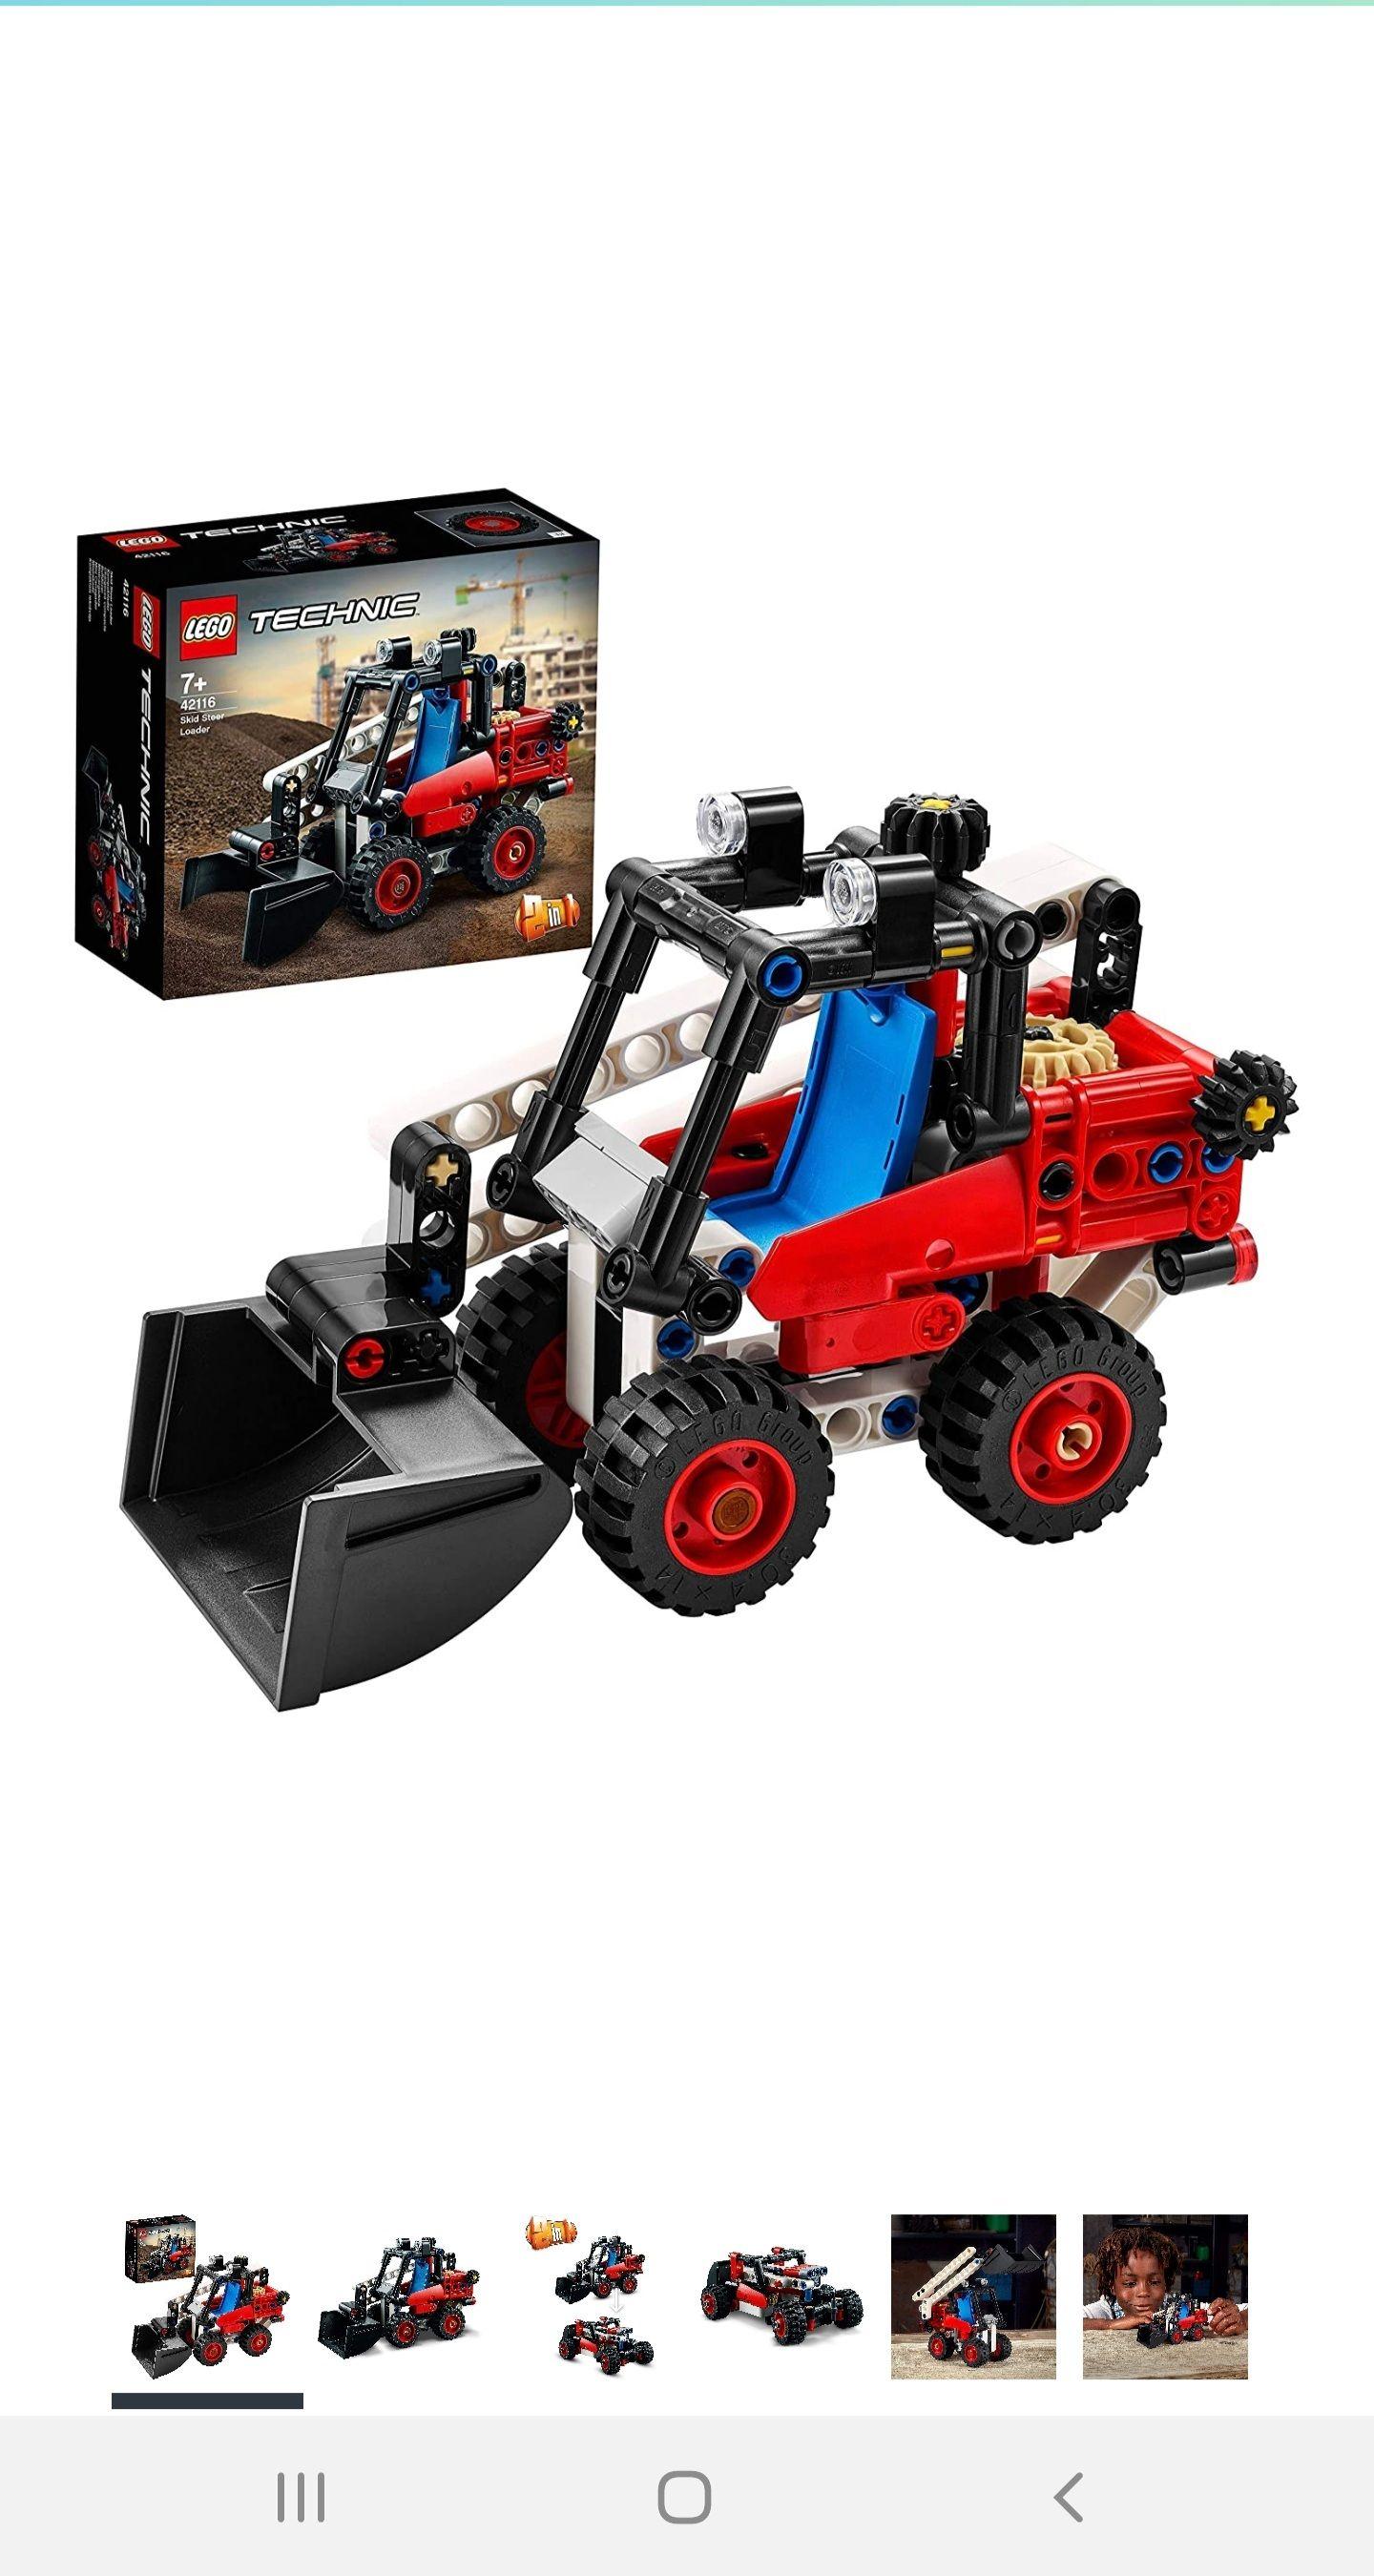 [Prime] LEGO 42116 Technic Kompaktlader, auch bei Saturn und MM (Abholung)